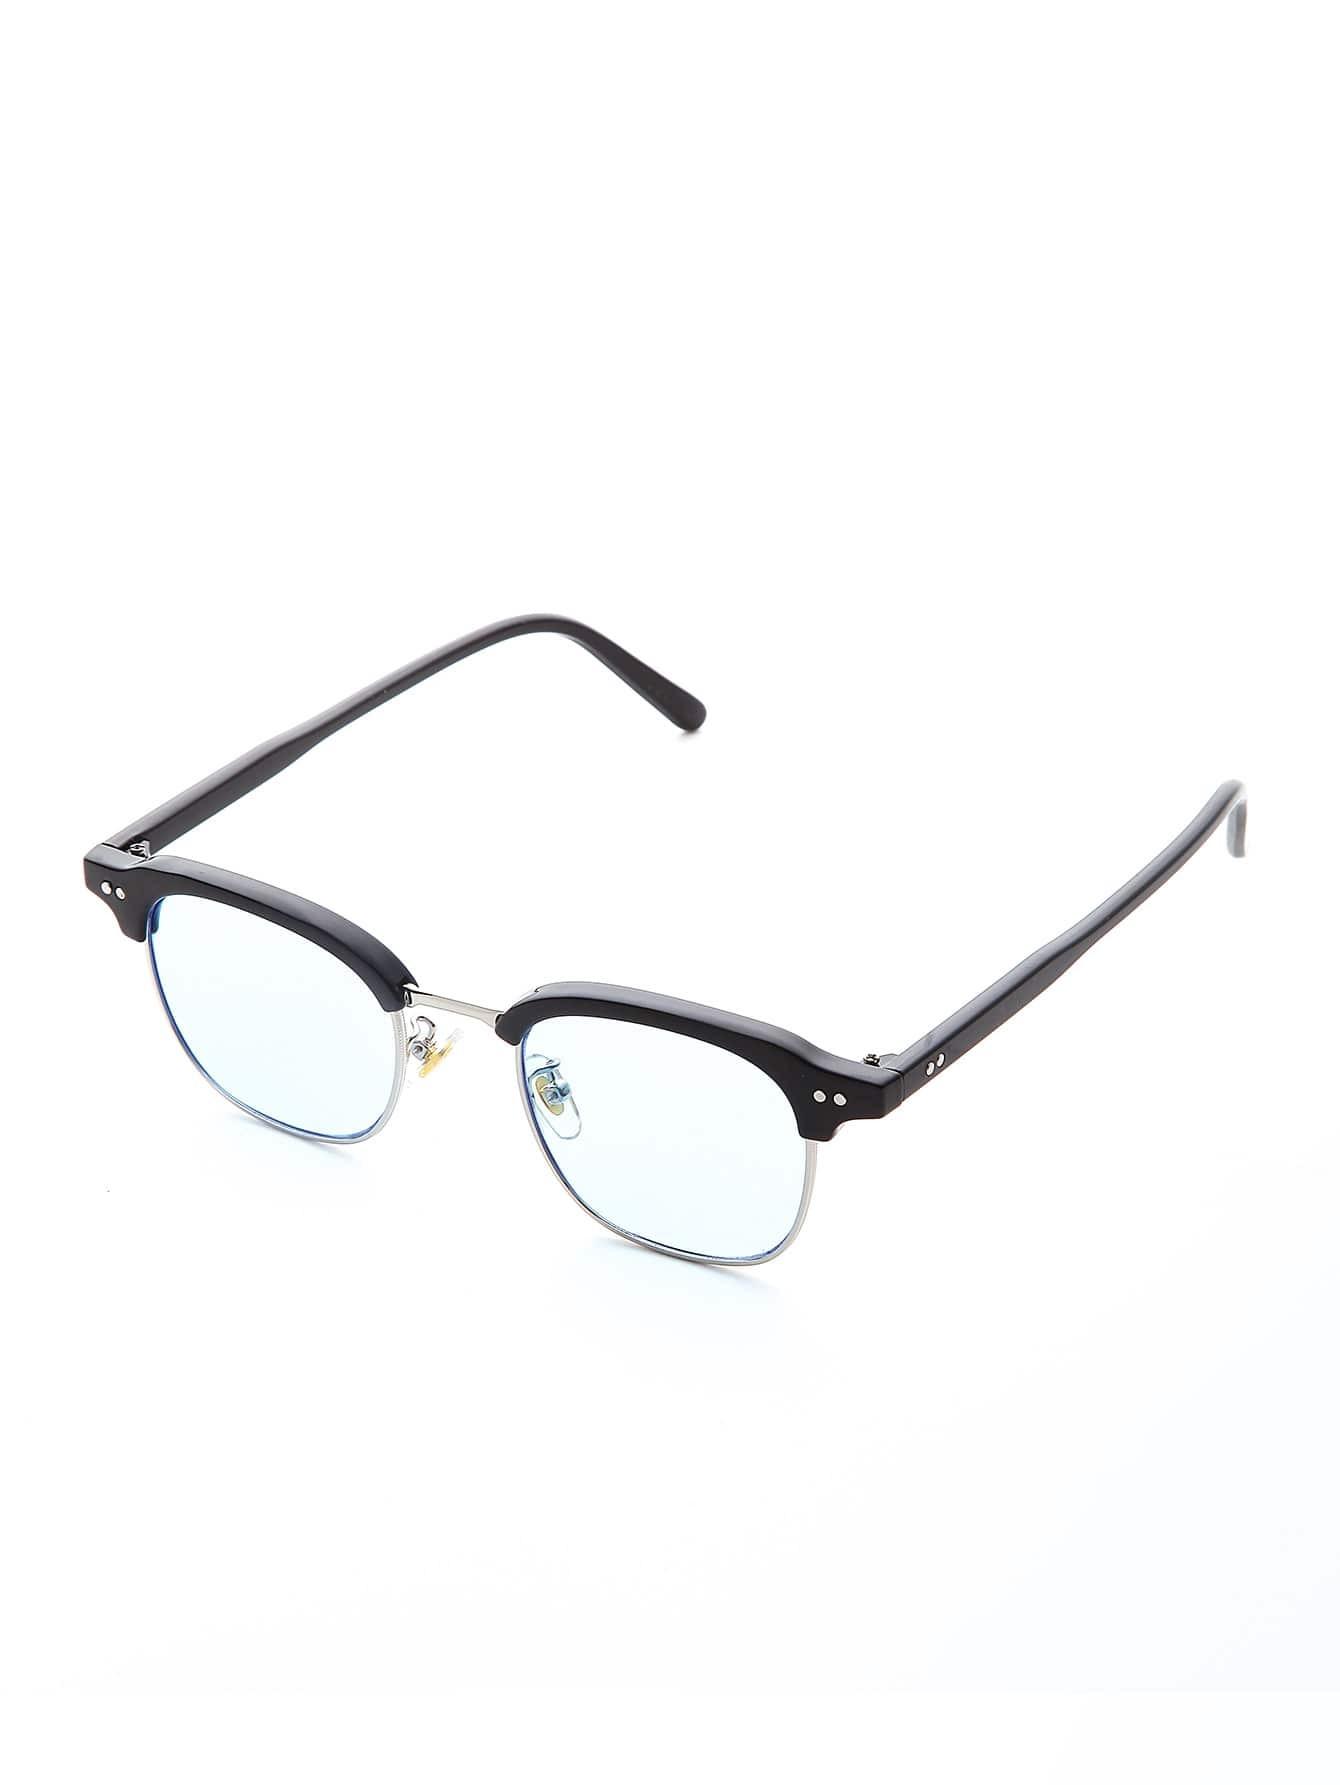 Half Frame Light Blue Lens Sunglasses sunglass170320304